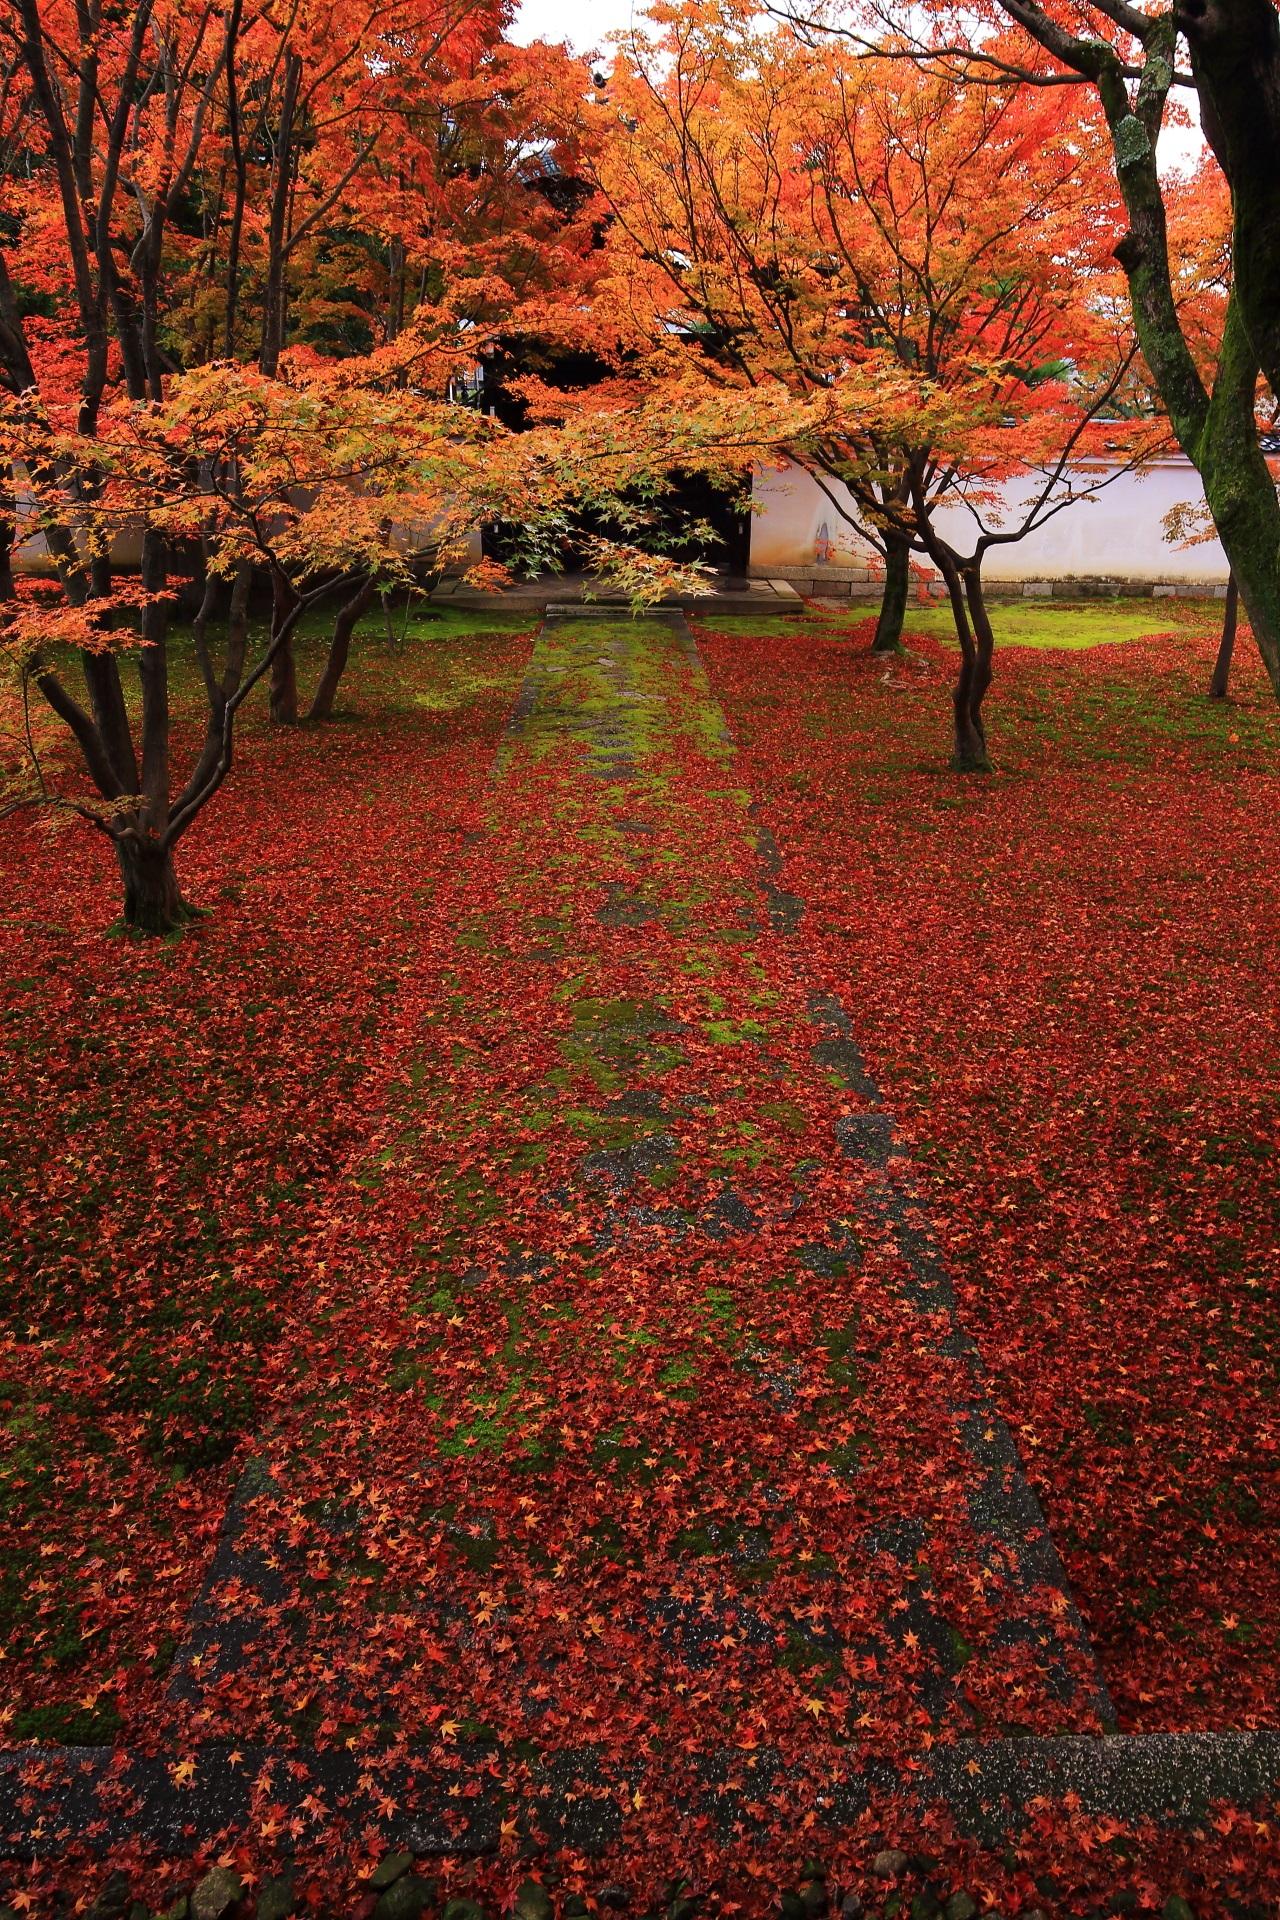 妙覚寺の素晴らしい紅葉や散り紅葉と秋の情景